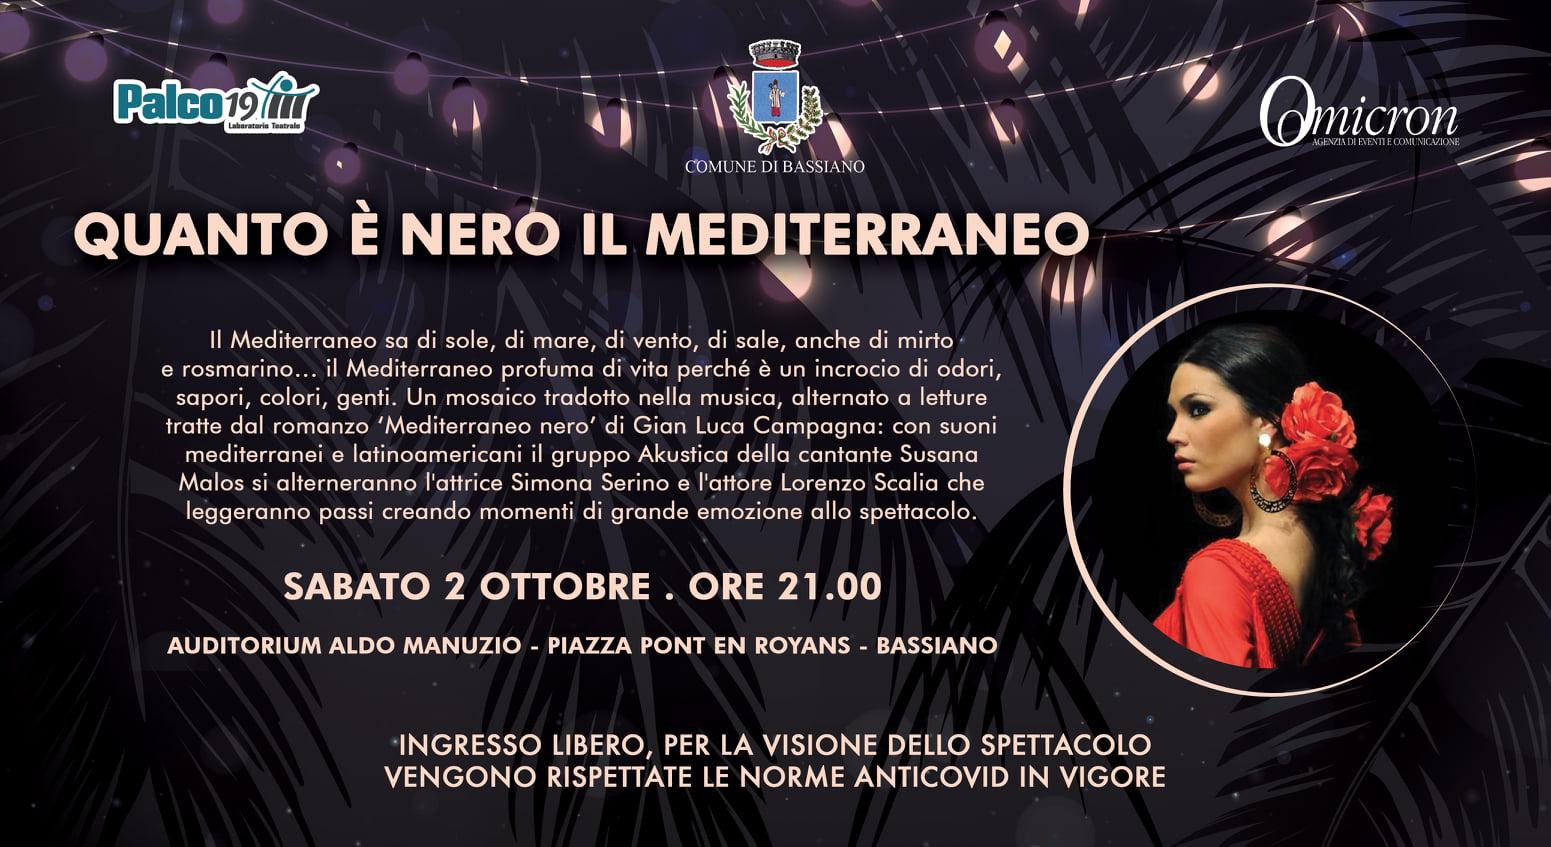 """Bassiano: """"Quanto è nero il Mediterraneo"""" @ Auditorium Aldo Manuzio - Piazza Pont en Royans"""